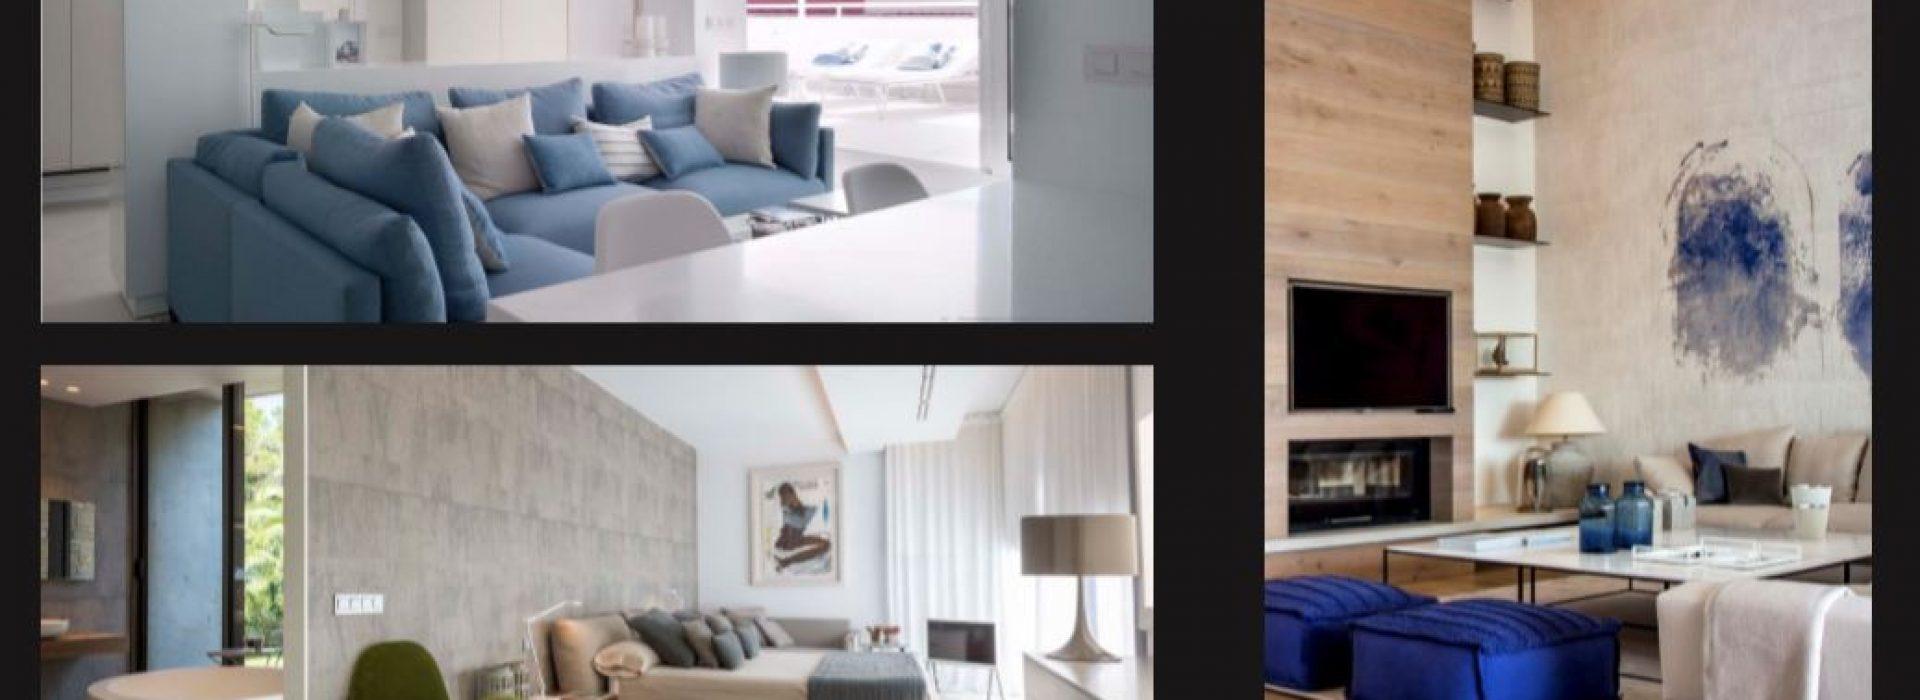 luksusowe-apartamenty-w-pierwszej-lini-brzegowej-w-benidormie-4-16133